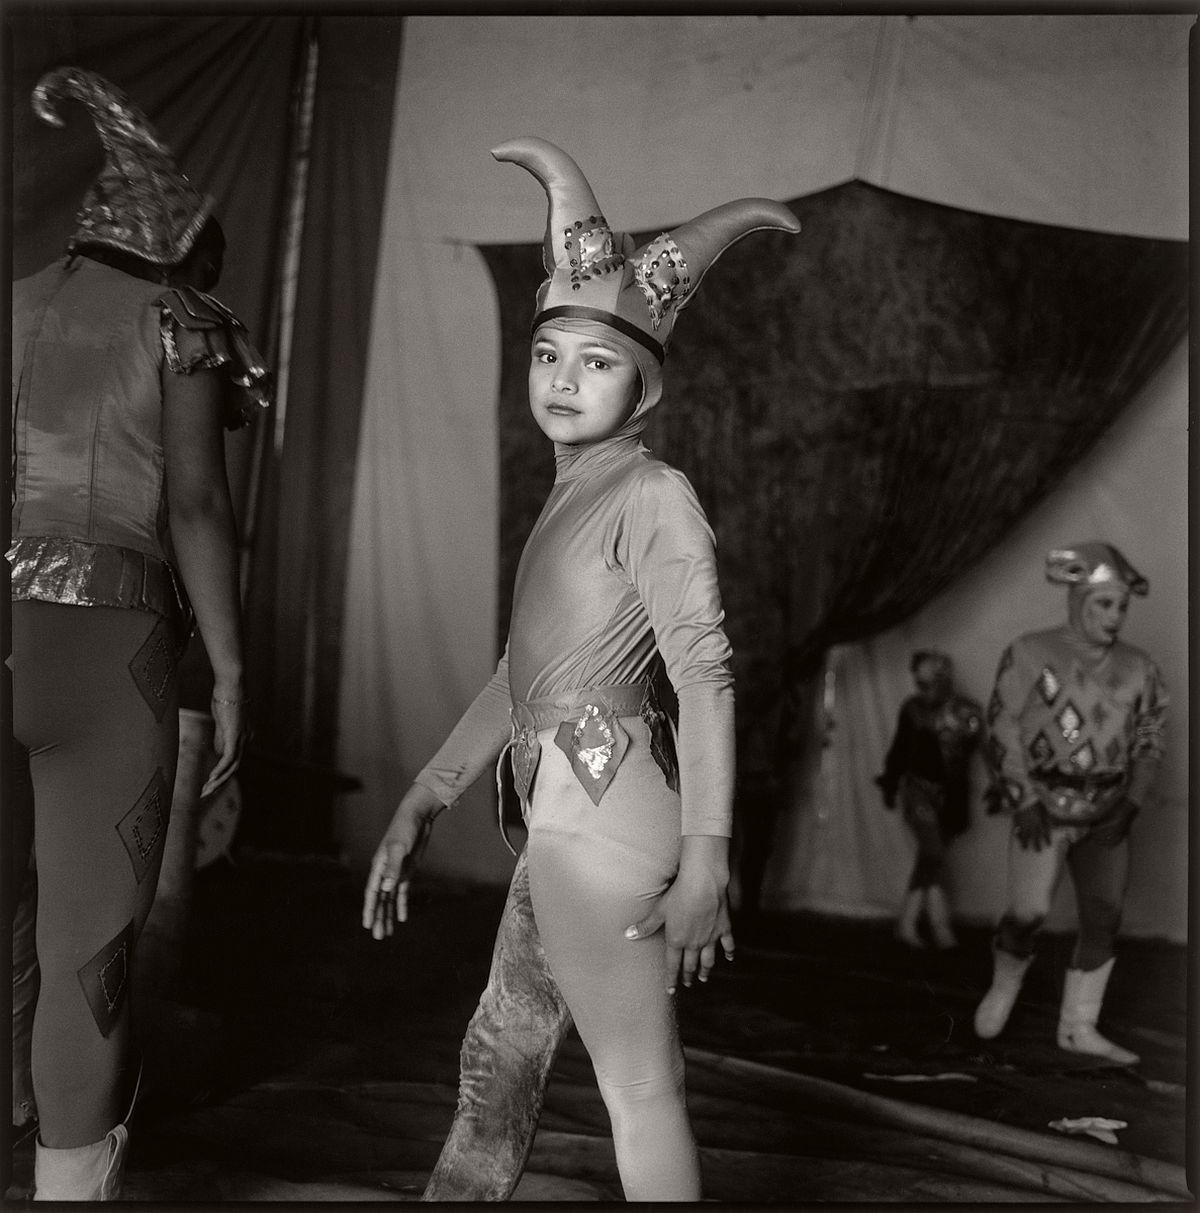 norma-i-quintana-portrait-circus-13